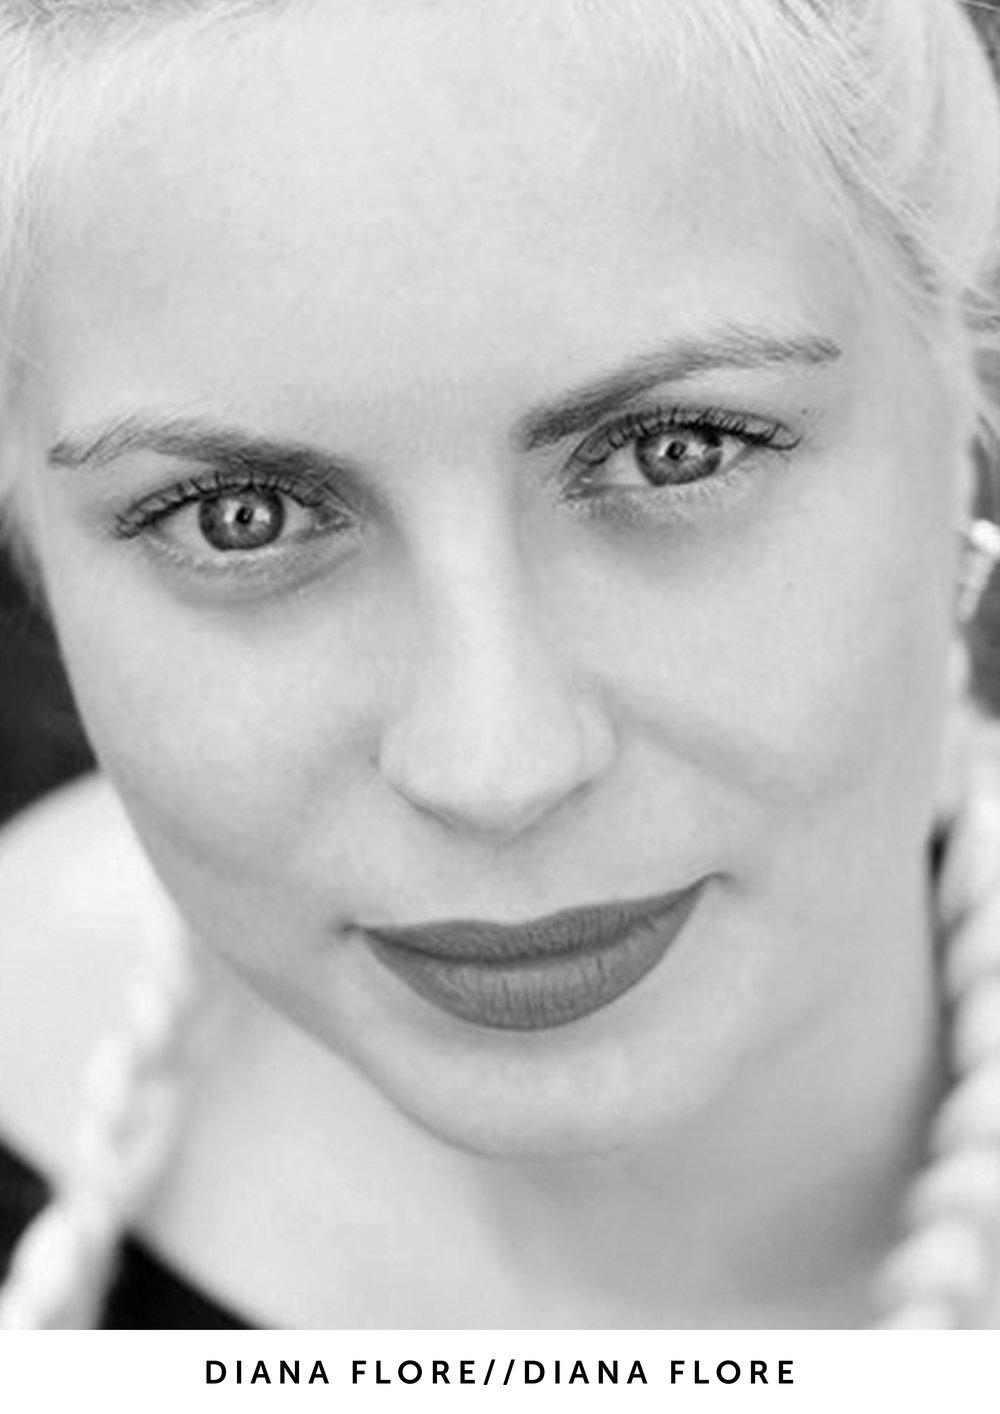 Diana Flore